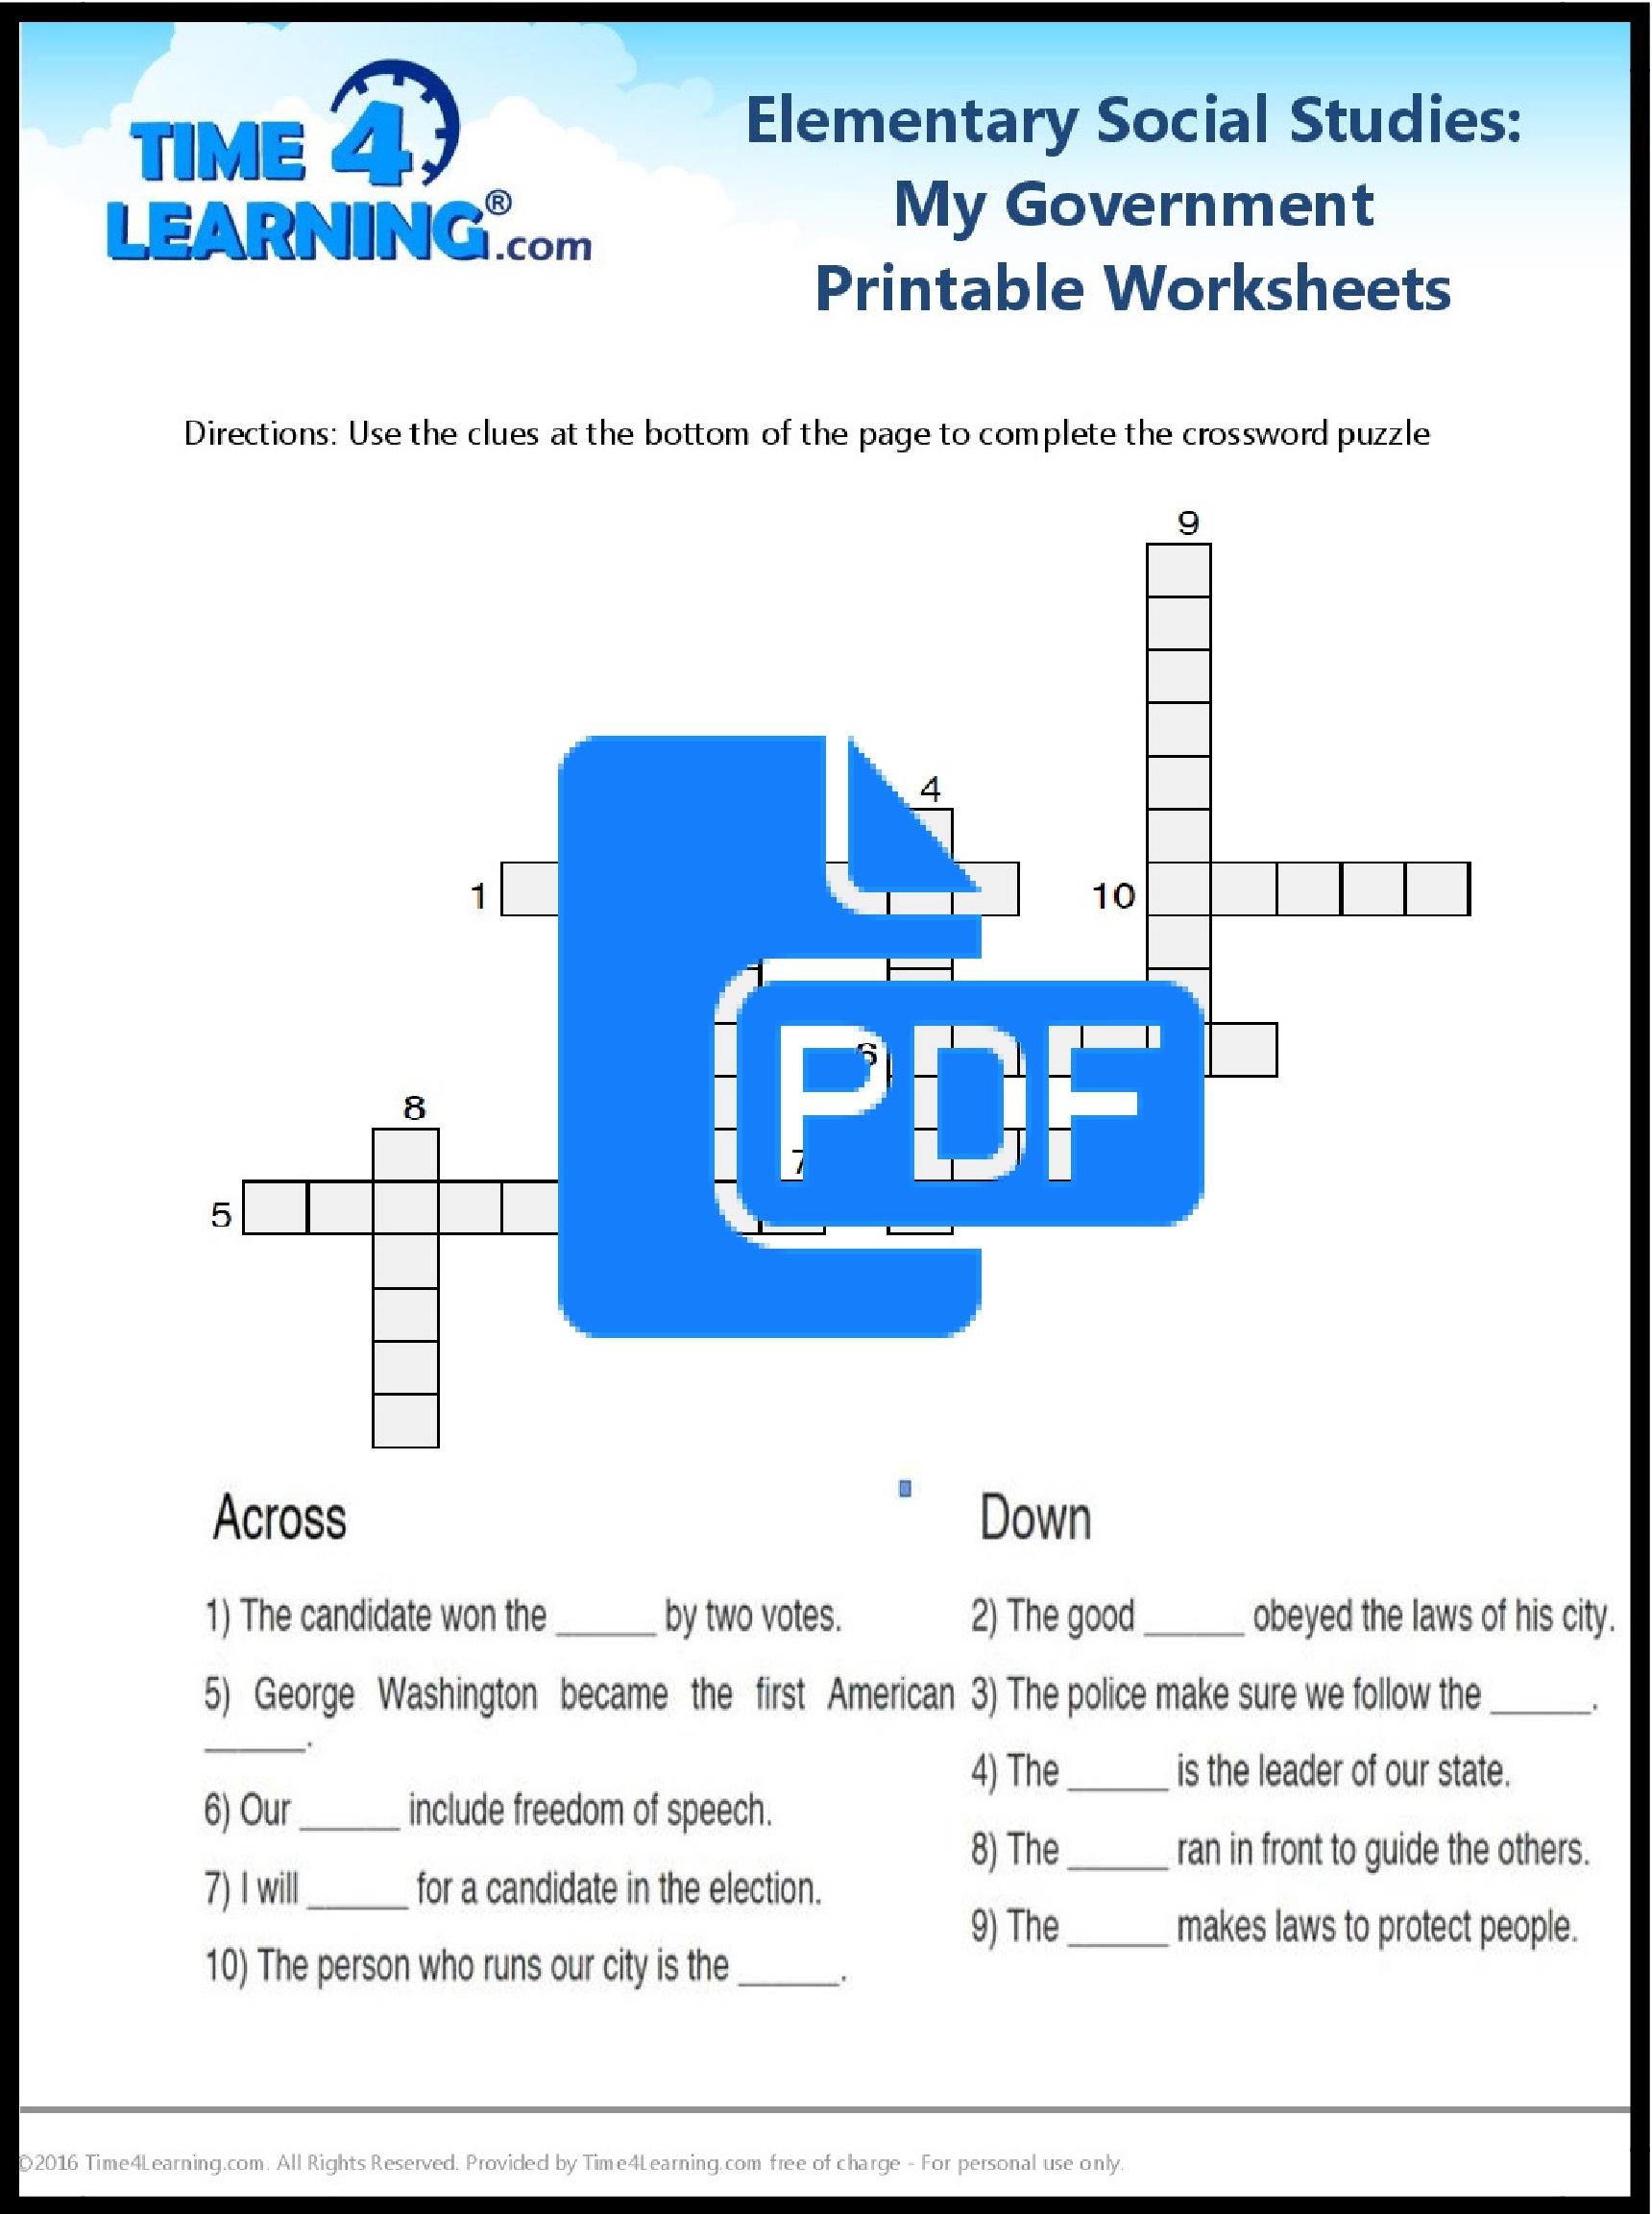 Free Printable: Elementary Social Studies Worksheet | Time4Learning | Printable Social Studies Worksheets